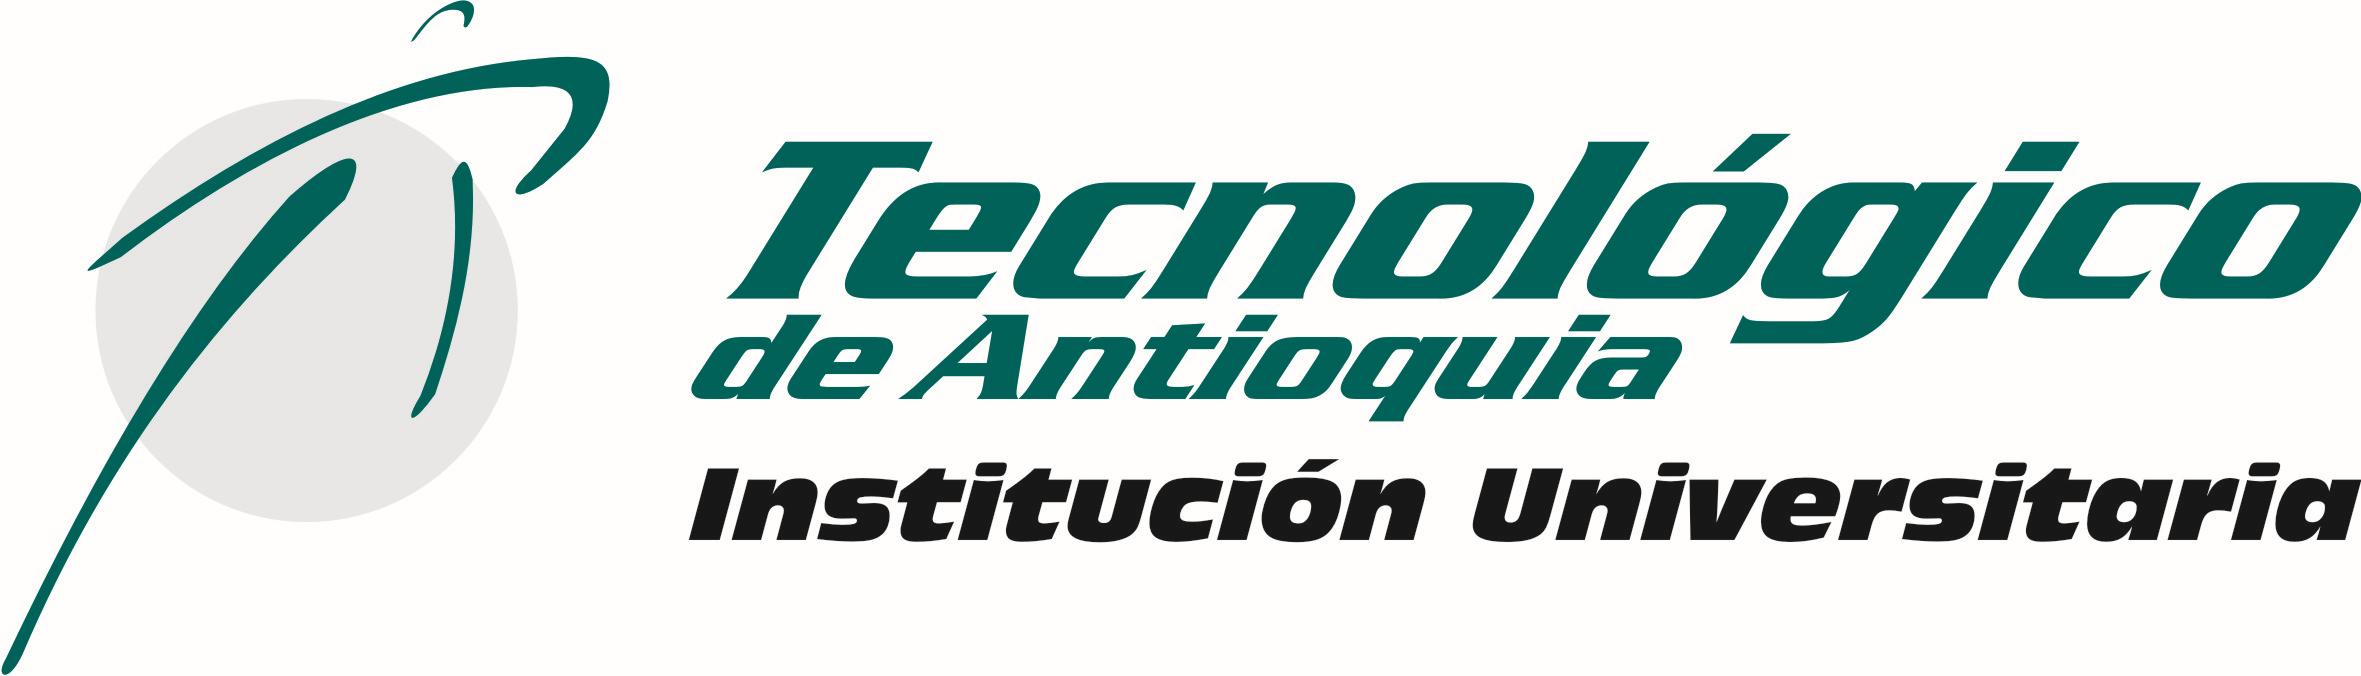 tecnologico-antioquia